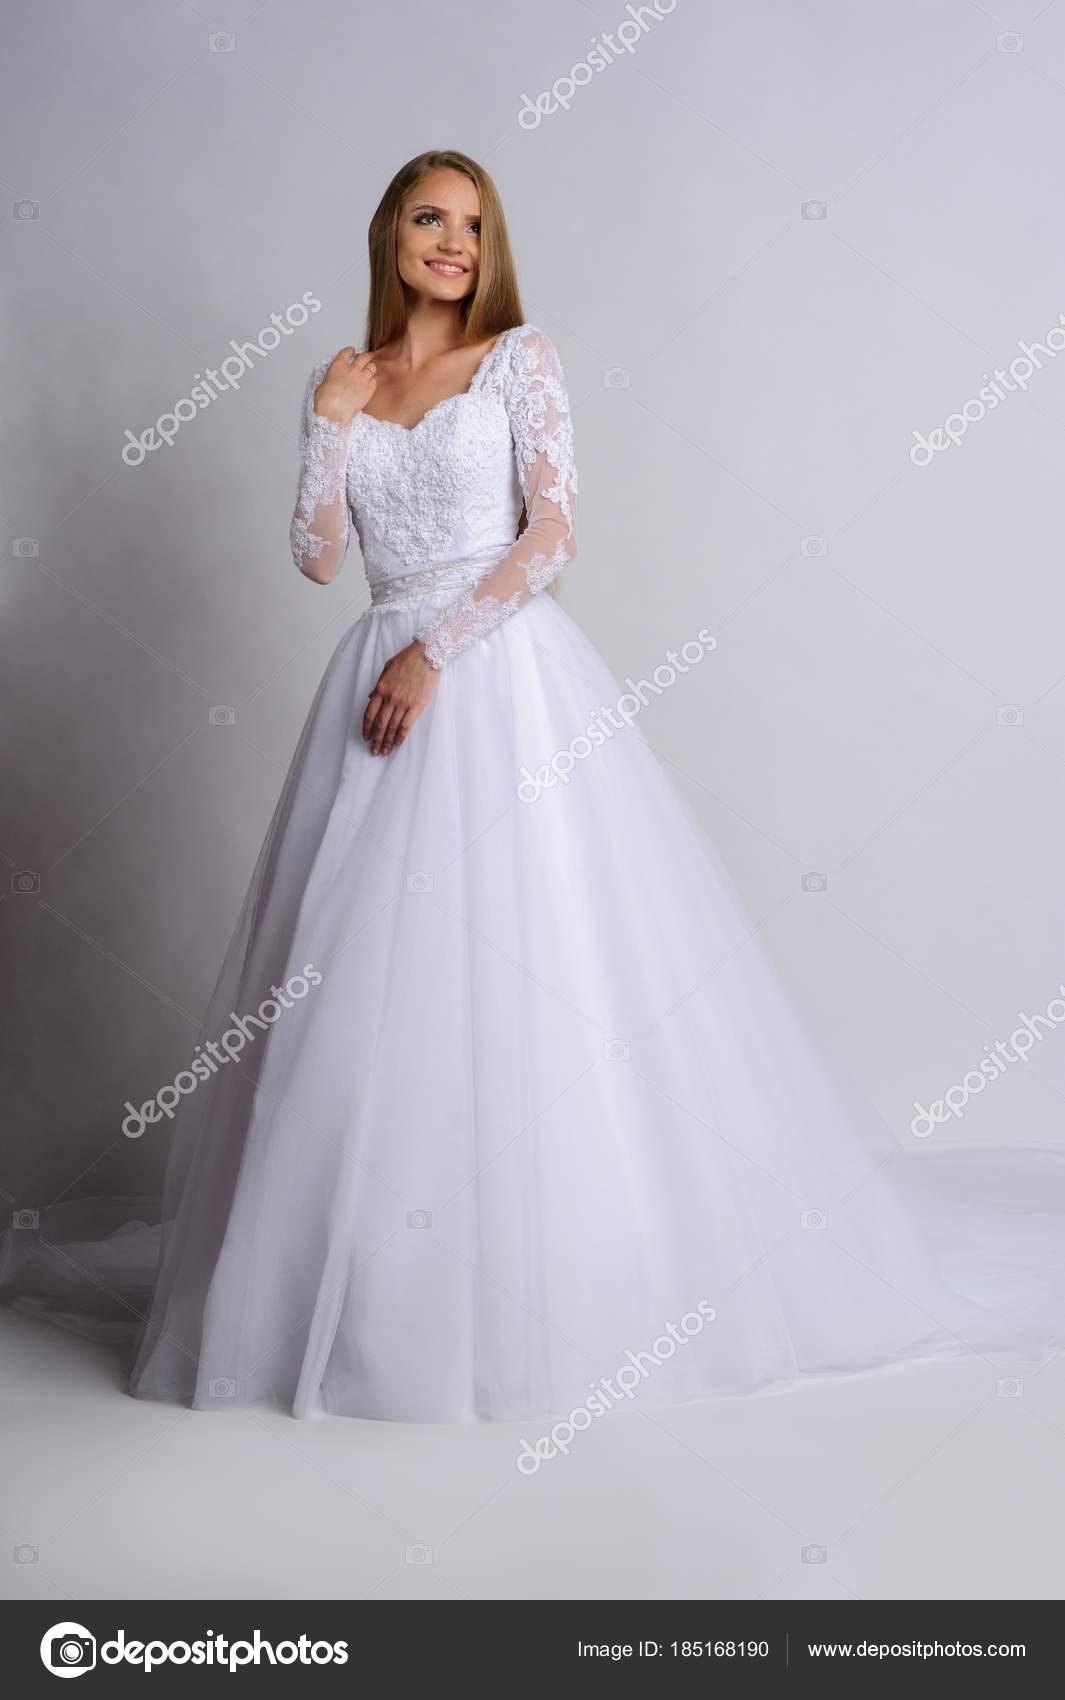 Schöne Braut im Hochzeitskleid, weißer Hintergrund — Stockfoto ...